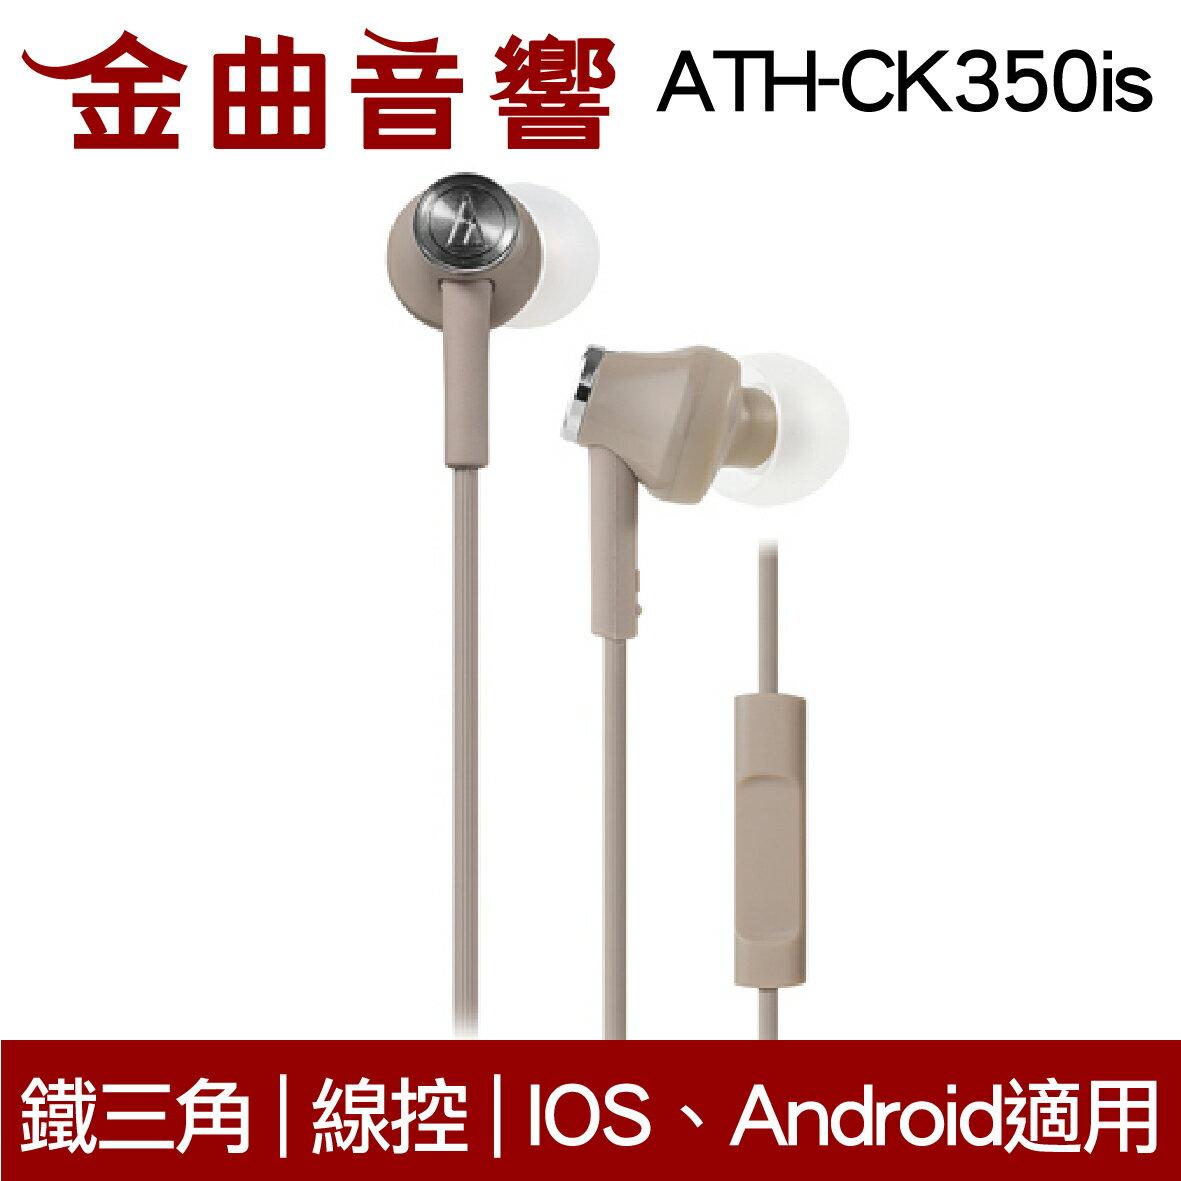 鐵三角 ATH-CK350iS 多色可選 線控耳道式耳機 IPhone IOS 安卓適用   金曲音響